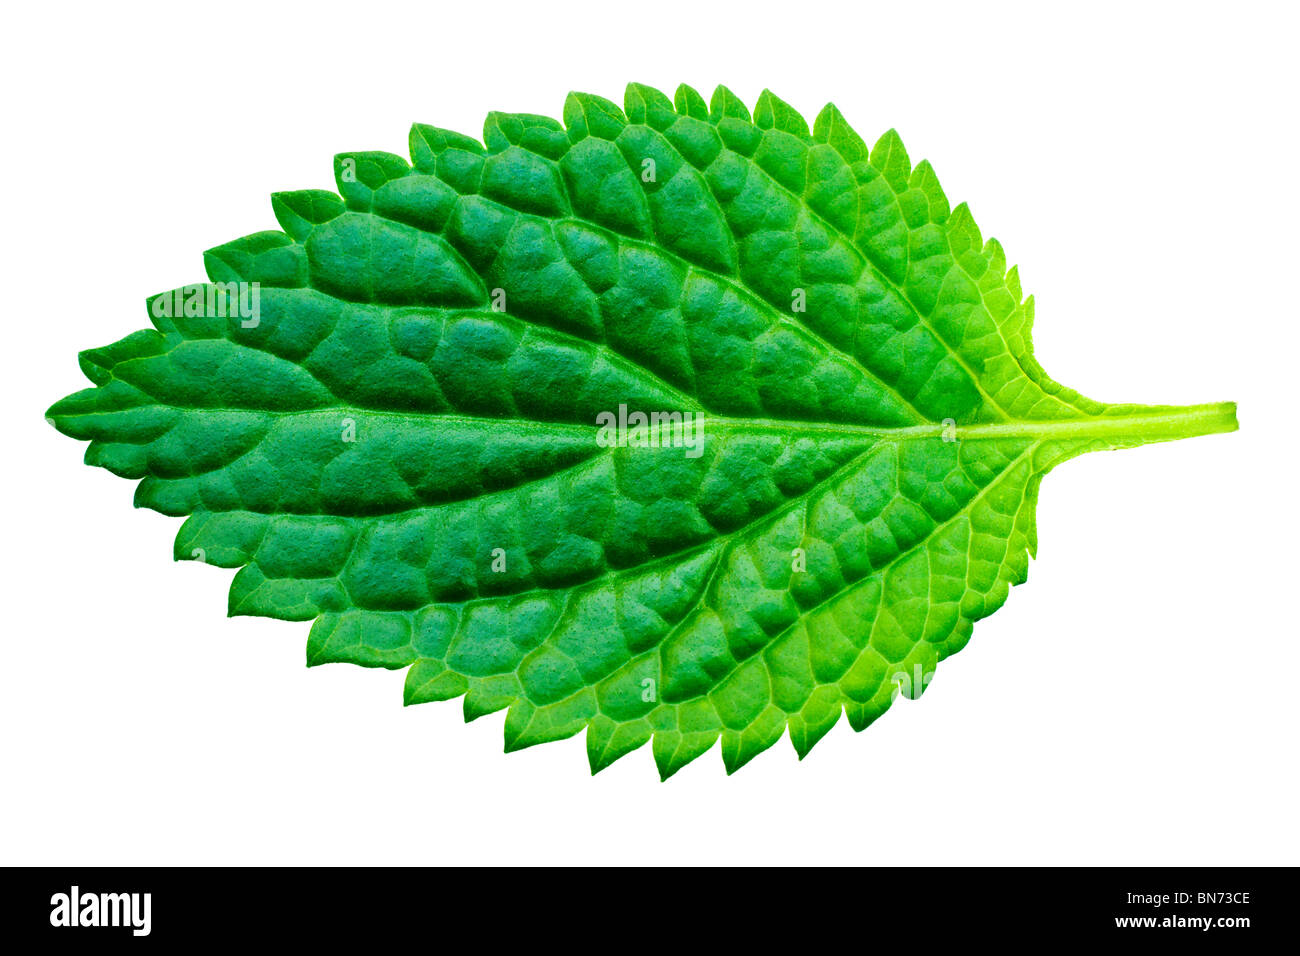 Una bella e lussureggiante verde foglia. Isolato su bianco con percorso di clipping. Immagini Stock